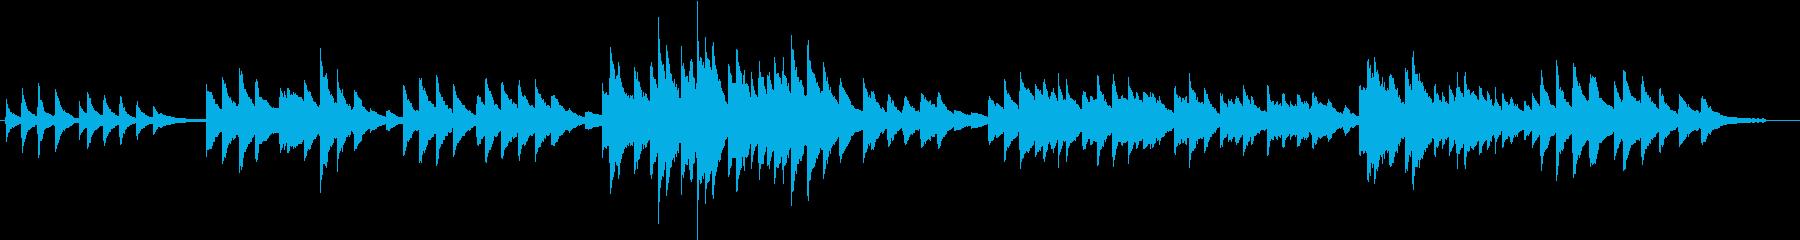 故郷(ピアノカバー)の再生済みの波形